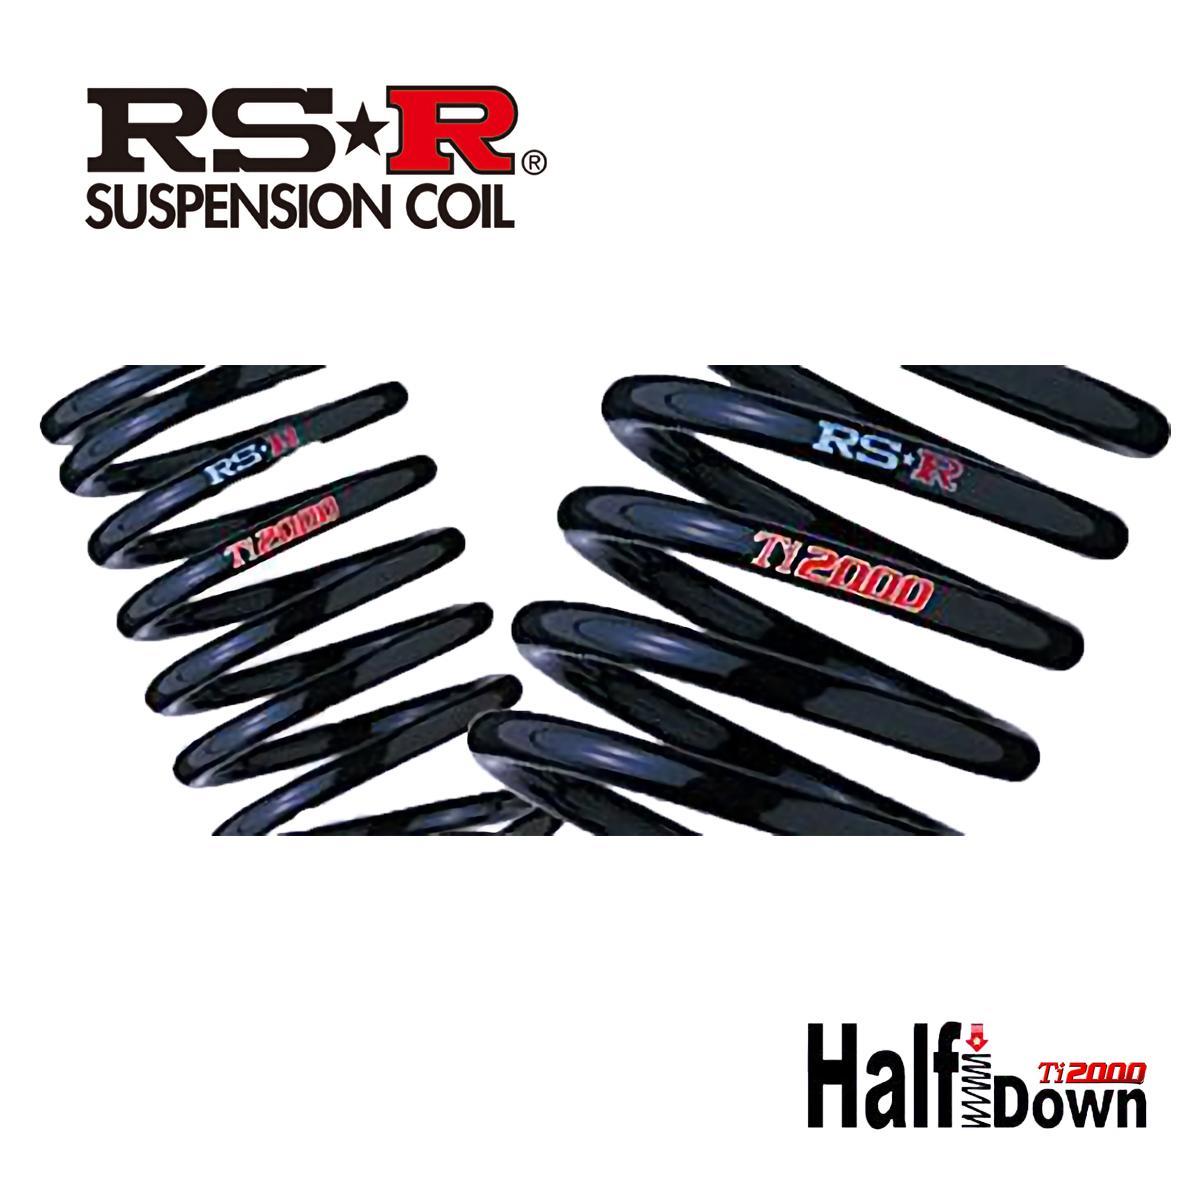 RS-R スイフト RSt ZC13S ダウンサス スプリング リア S230THDR Ti2000 ハーフダウン RSR 個人宅発送追金有